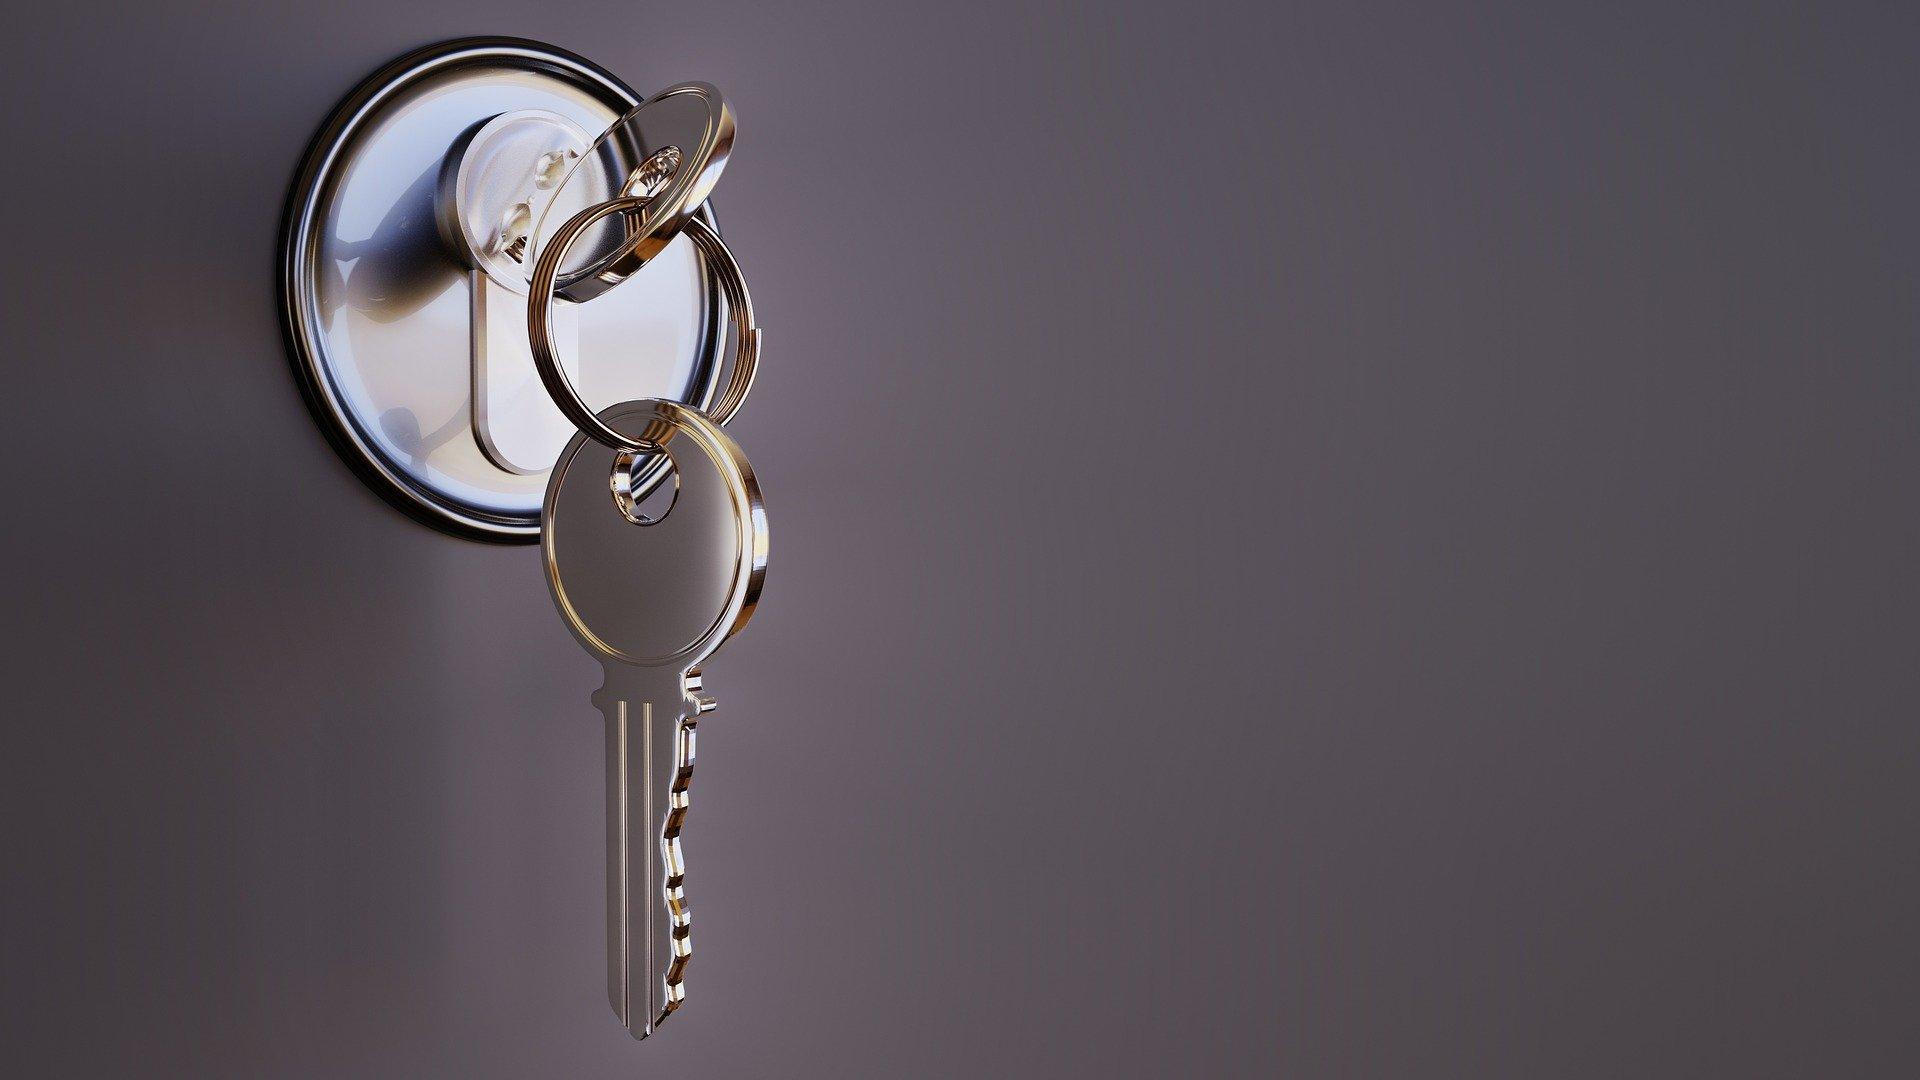 Achat appartement neuf VEFA : qu'est-ce que c'est ?